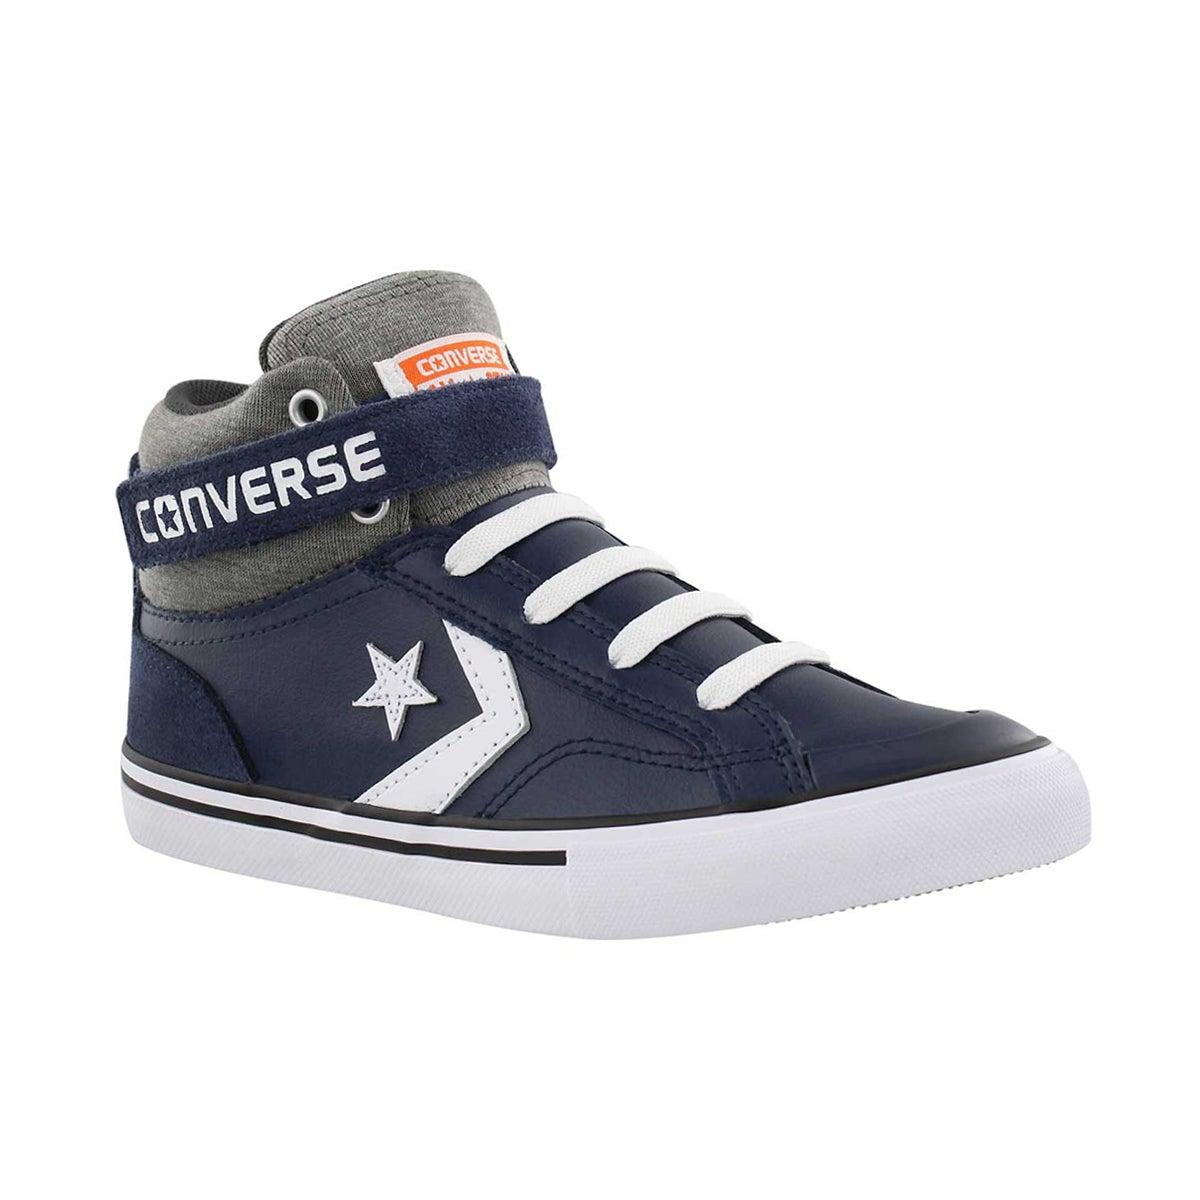 Boys' PRO BLAZE HI navy/storm sneaker